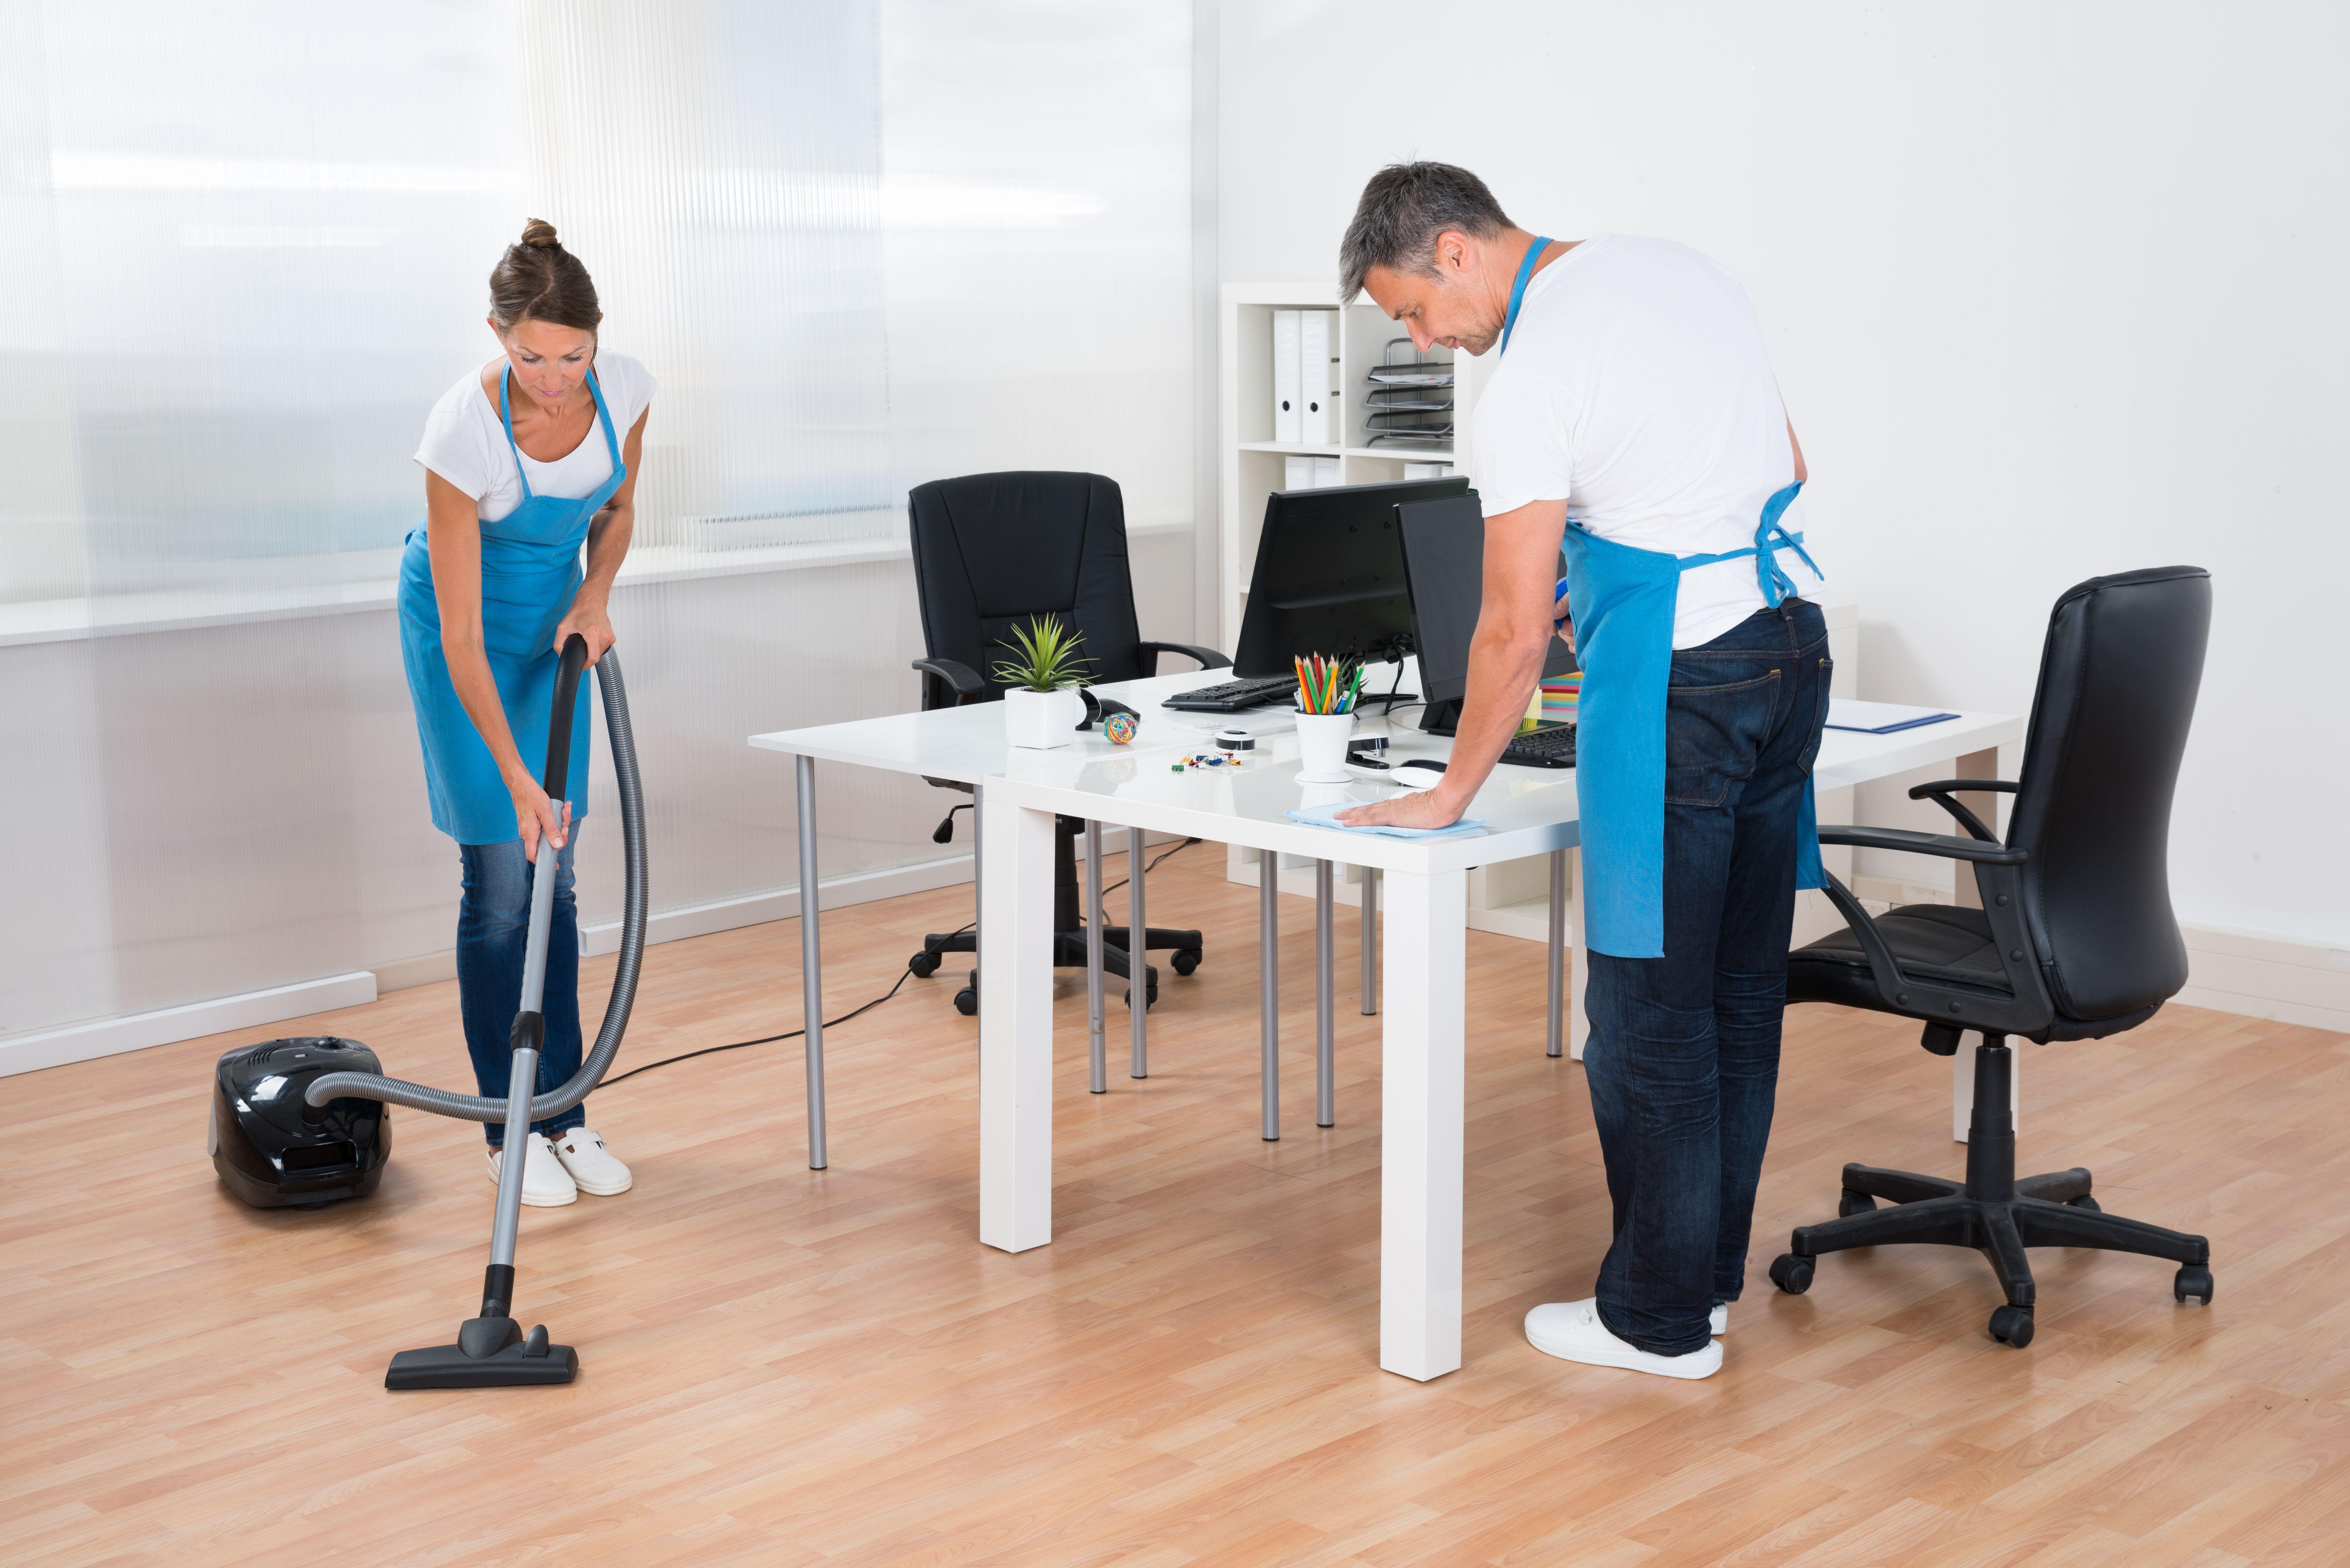 Limpieza de centro de negocio: Servicios de limpieza de H. M. Assignment Services